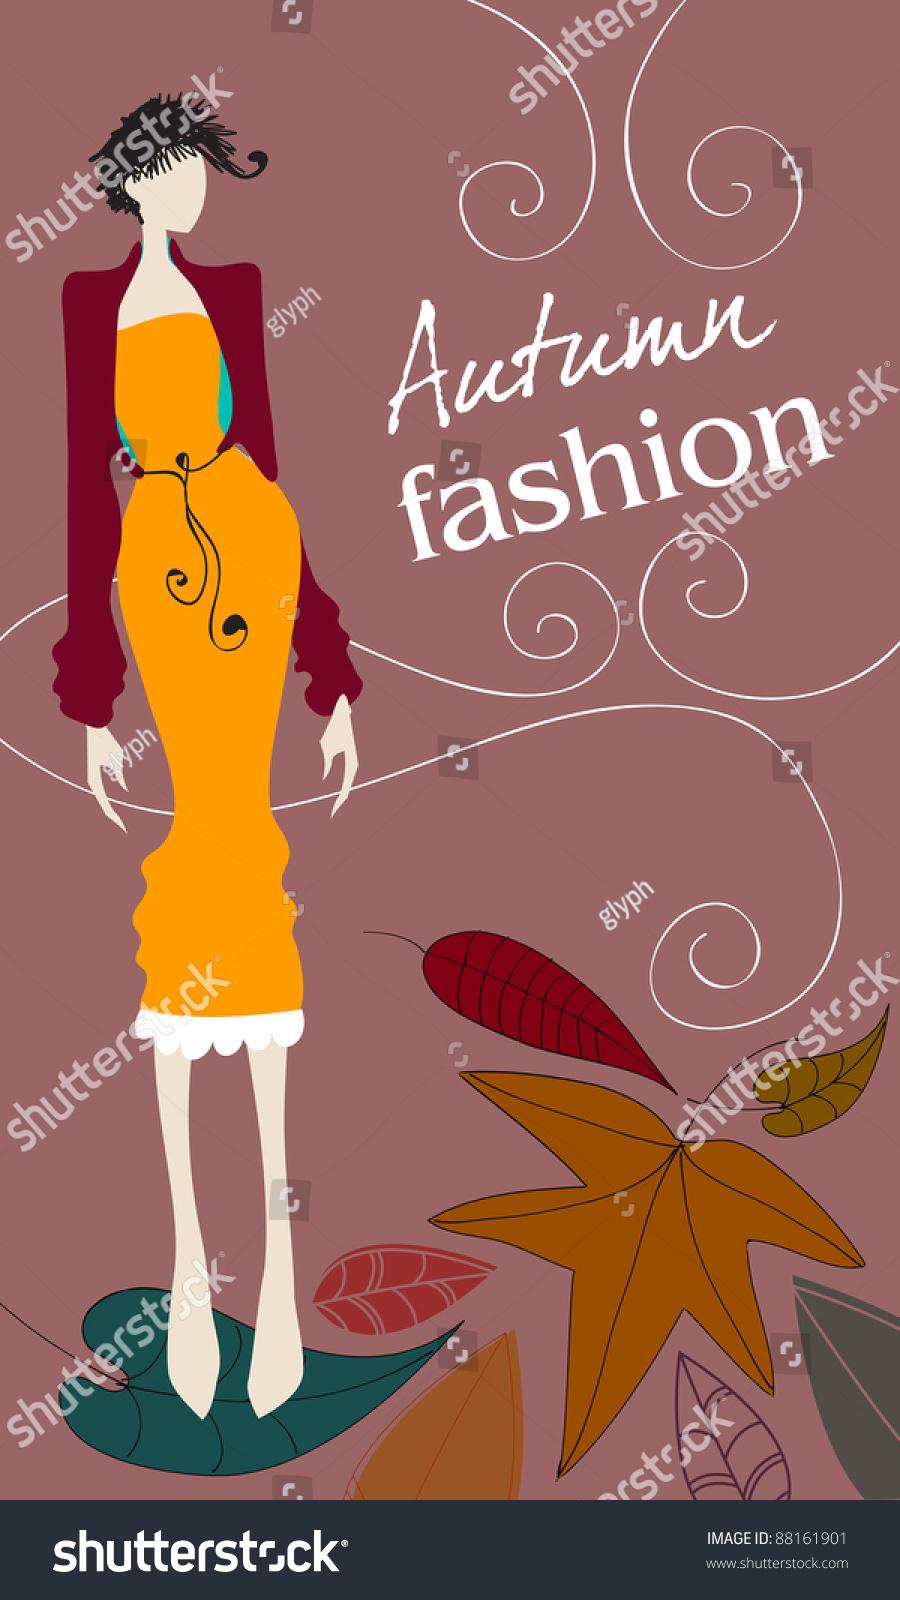 可爱的手绘花卉女孩——秋季时装插图-人物,自然-海洛